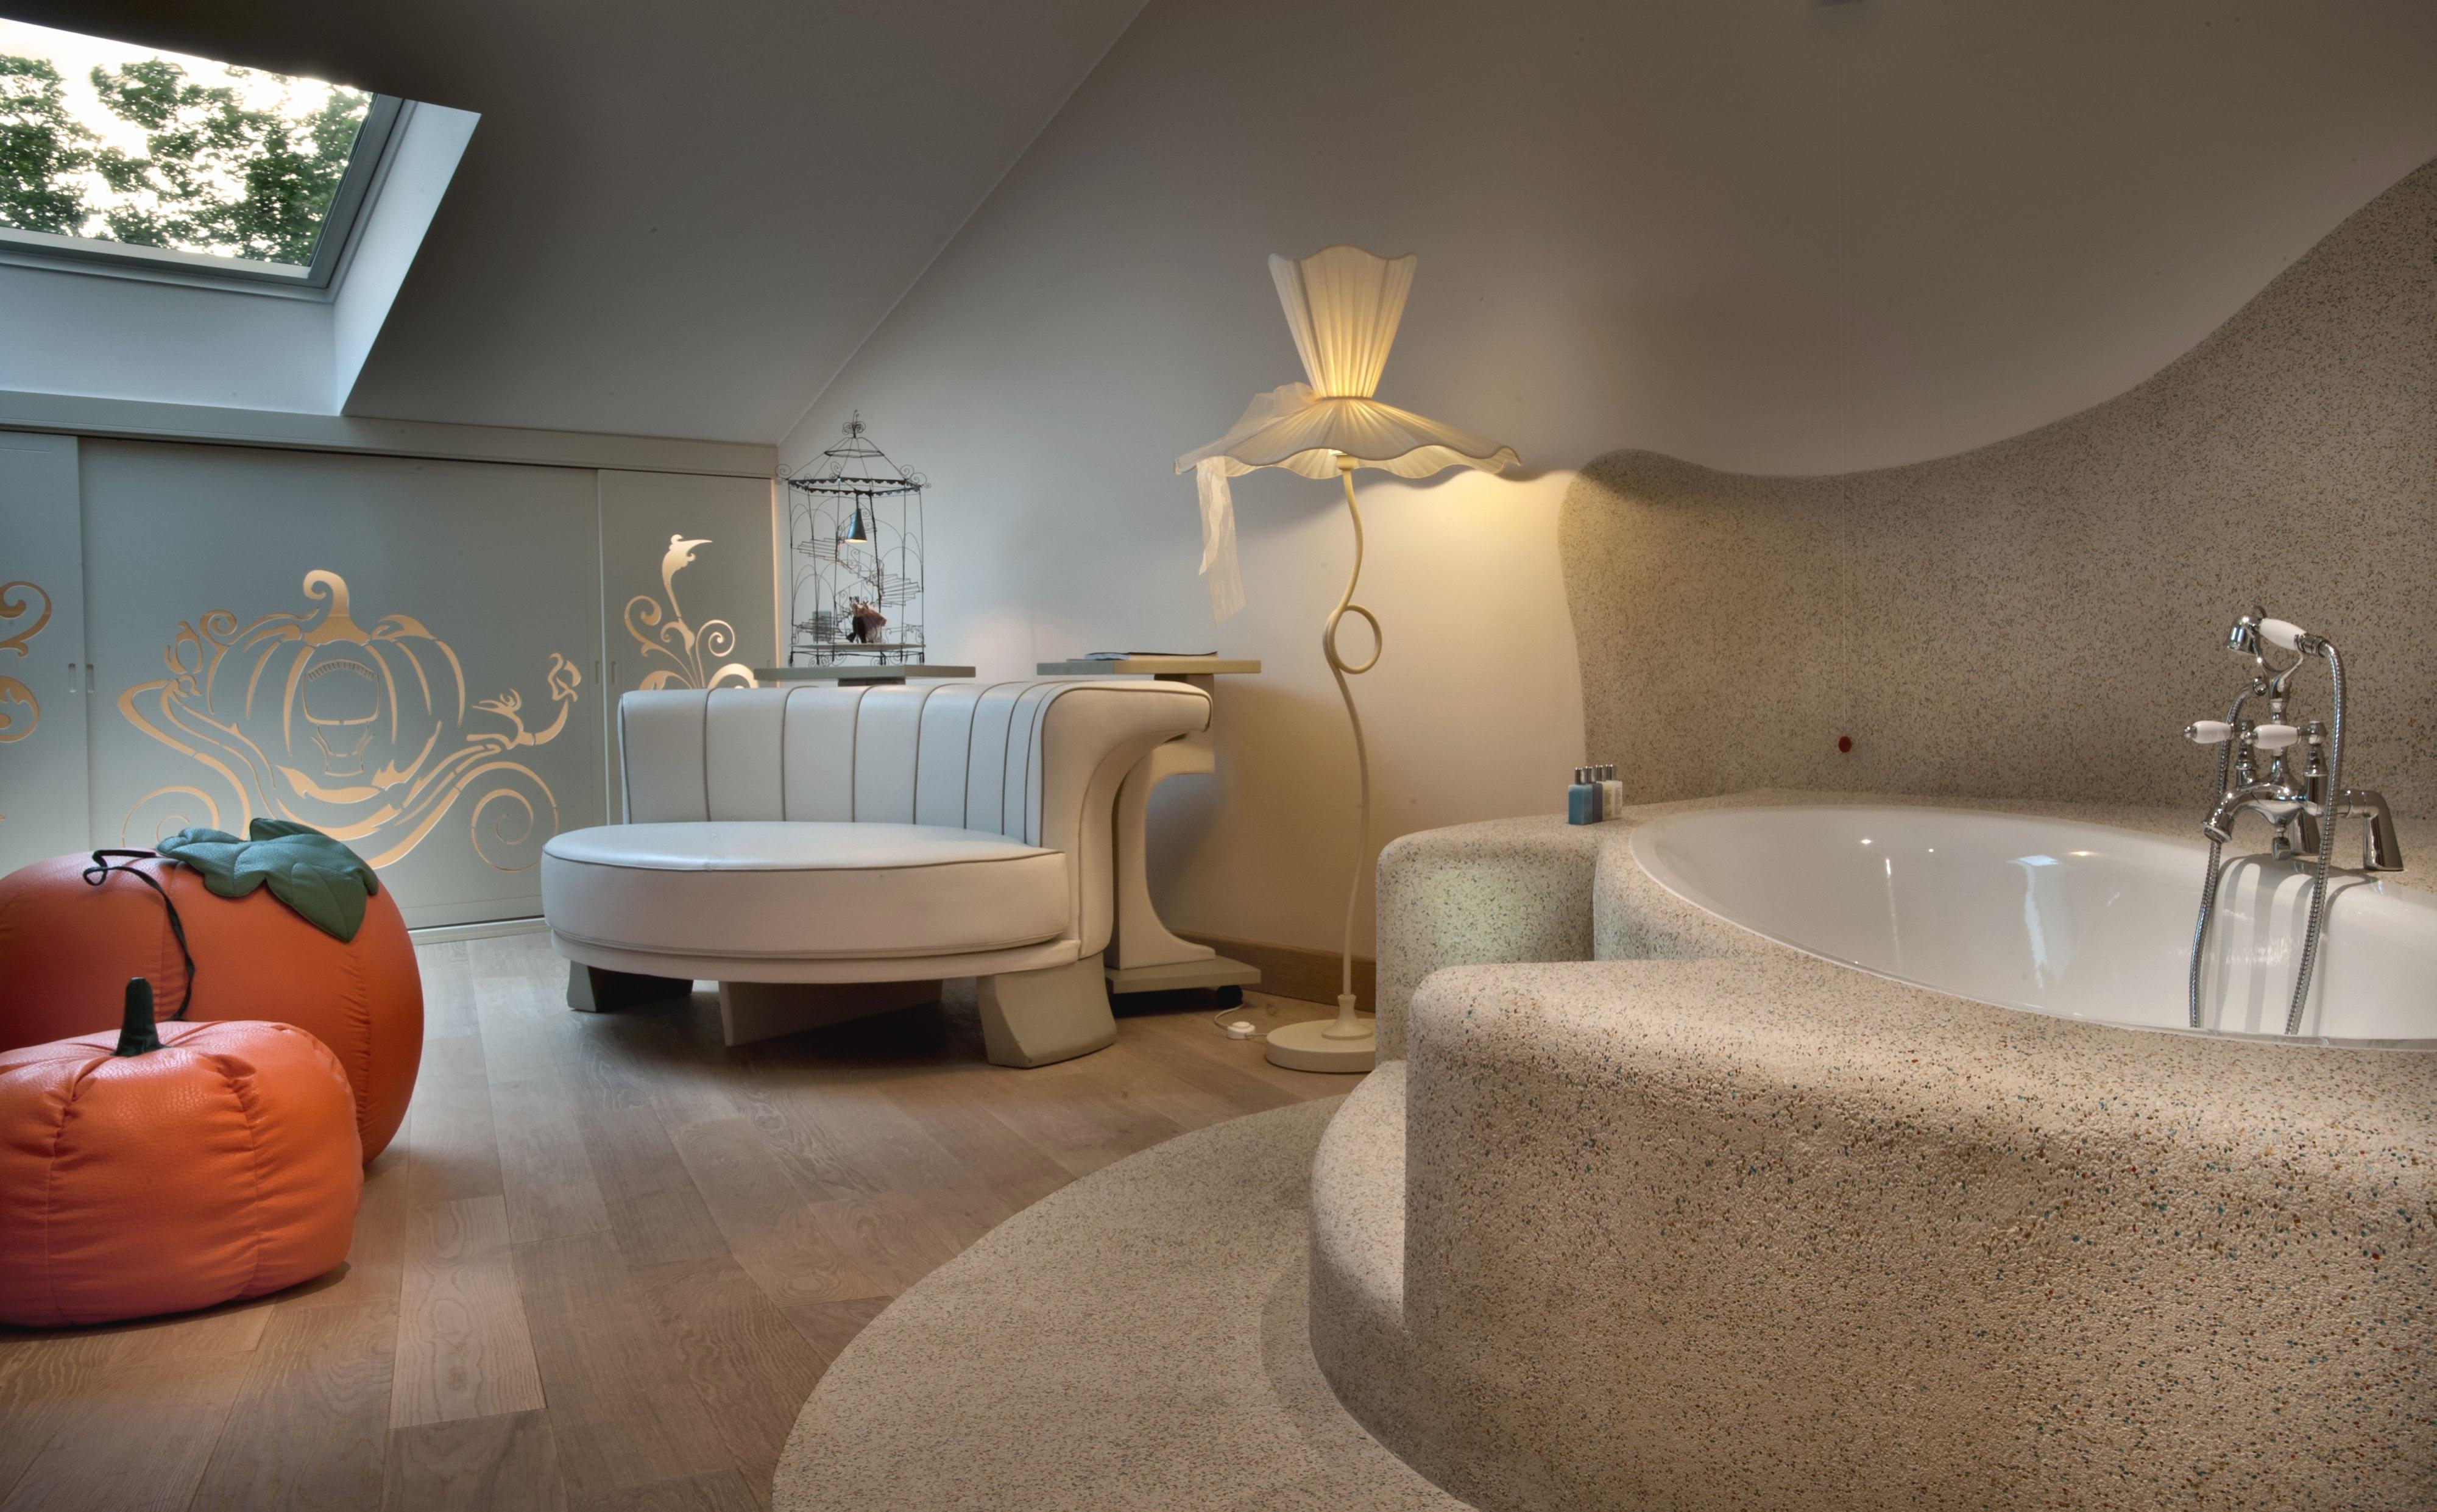 Mailand hotelreservierung hotel zimmer und luxus for Apartment suche